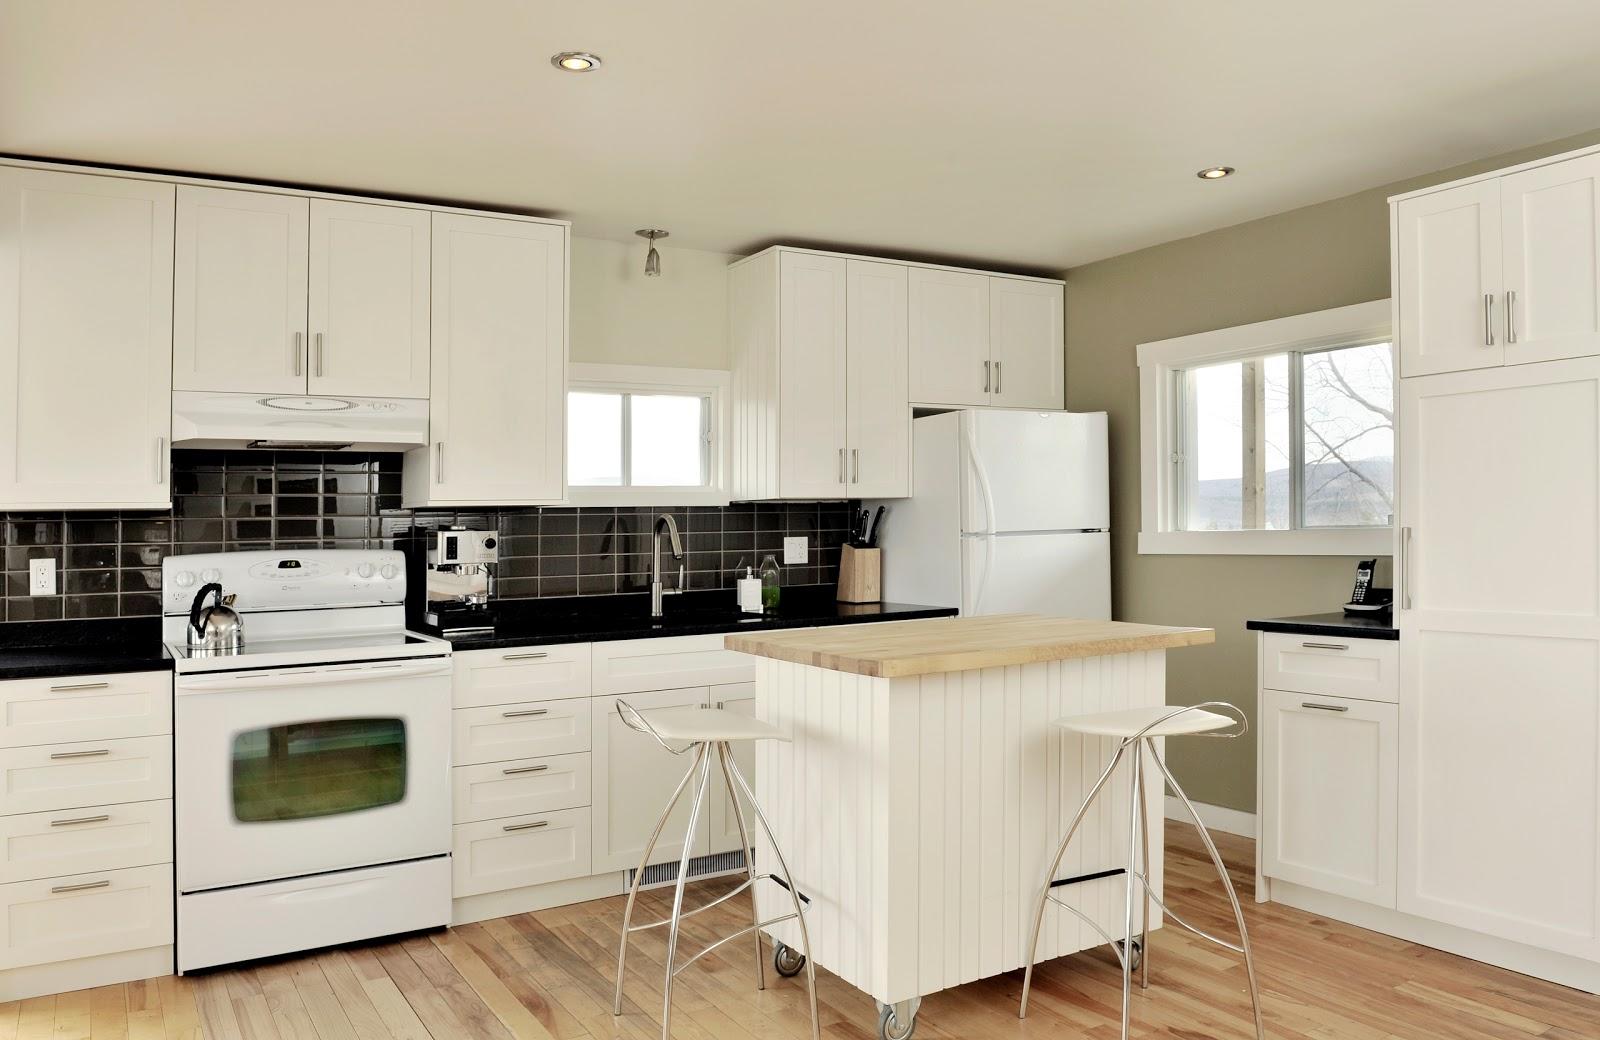 chaletconcierge cuisine contemporaine contemporary kitchen. Black Bedroom Furniture Sets. Home Design Ideas